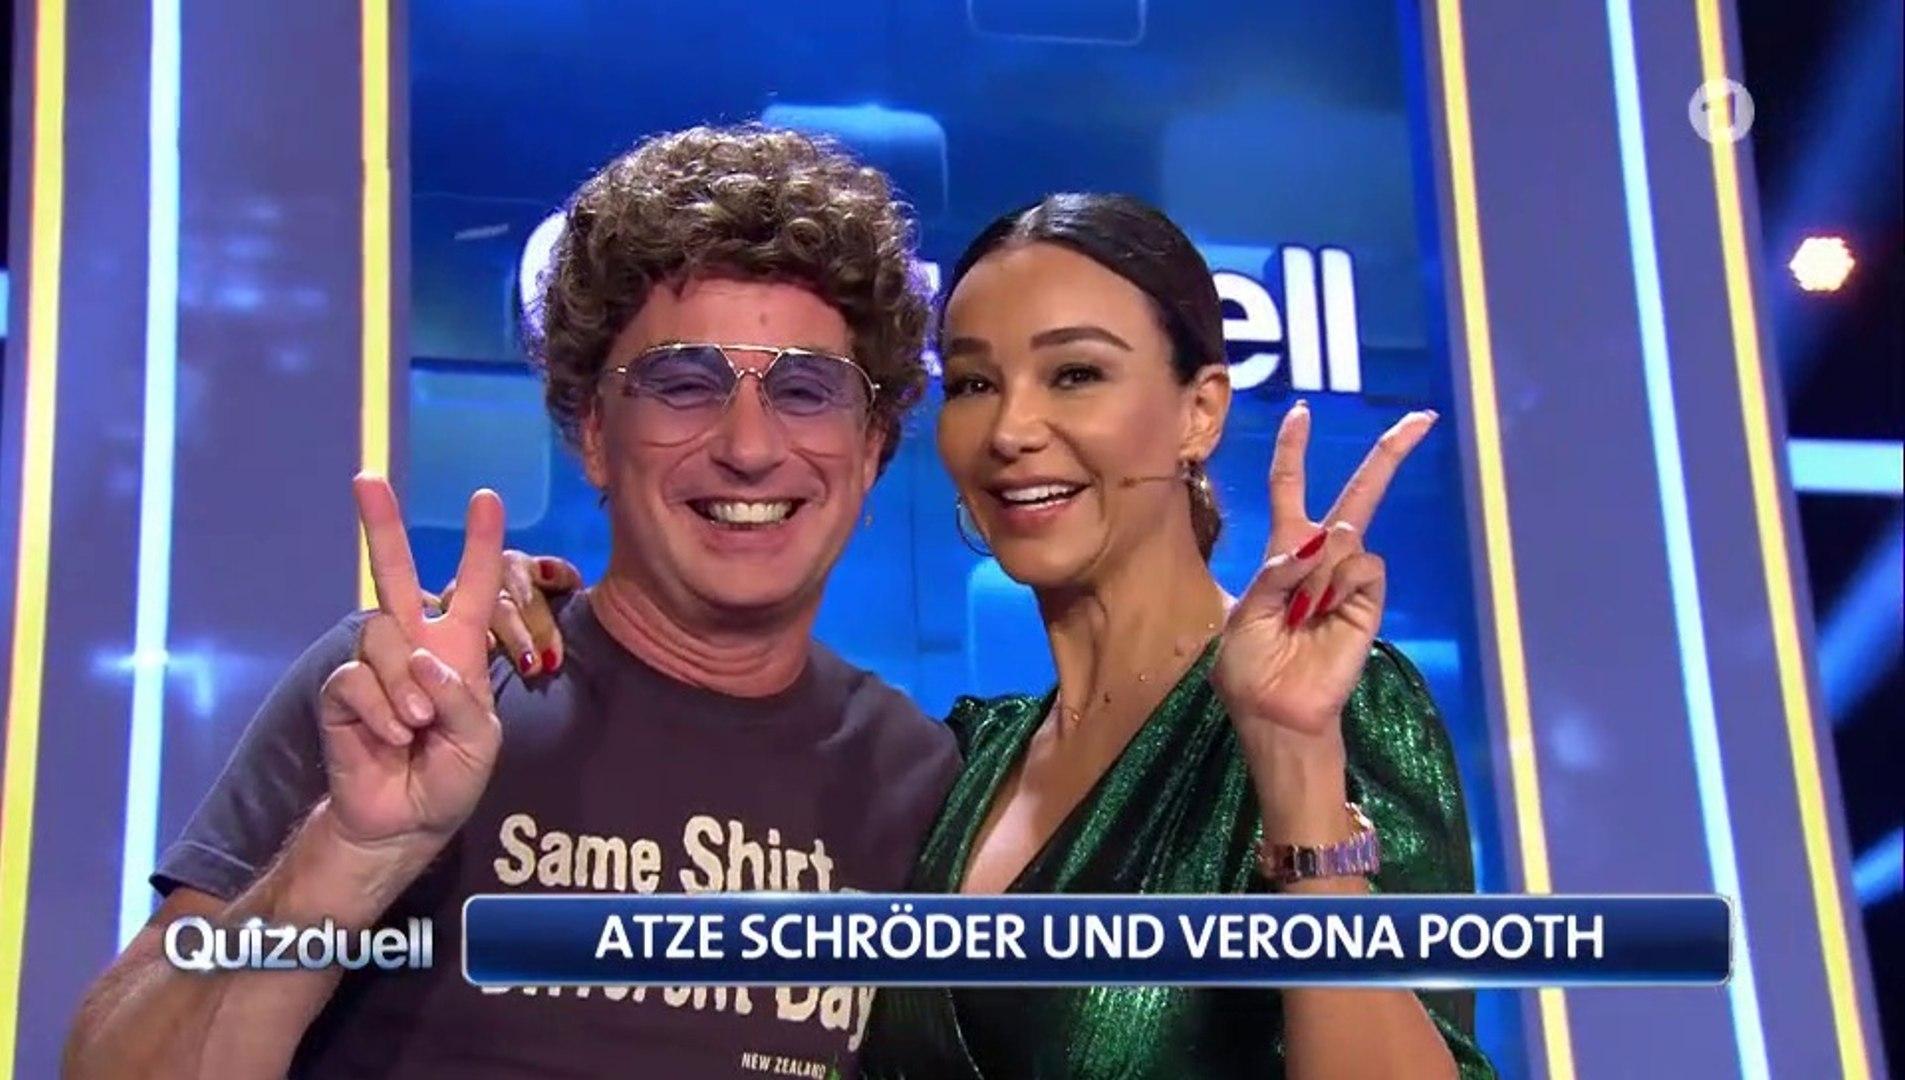 Andrea Sawatzki Sexy quizduell-olymp - 086. verona pooth und atze schröder (18.10.2019)